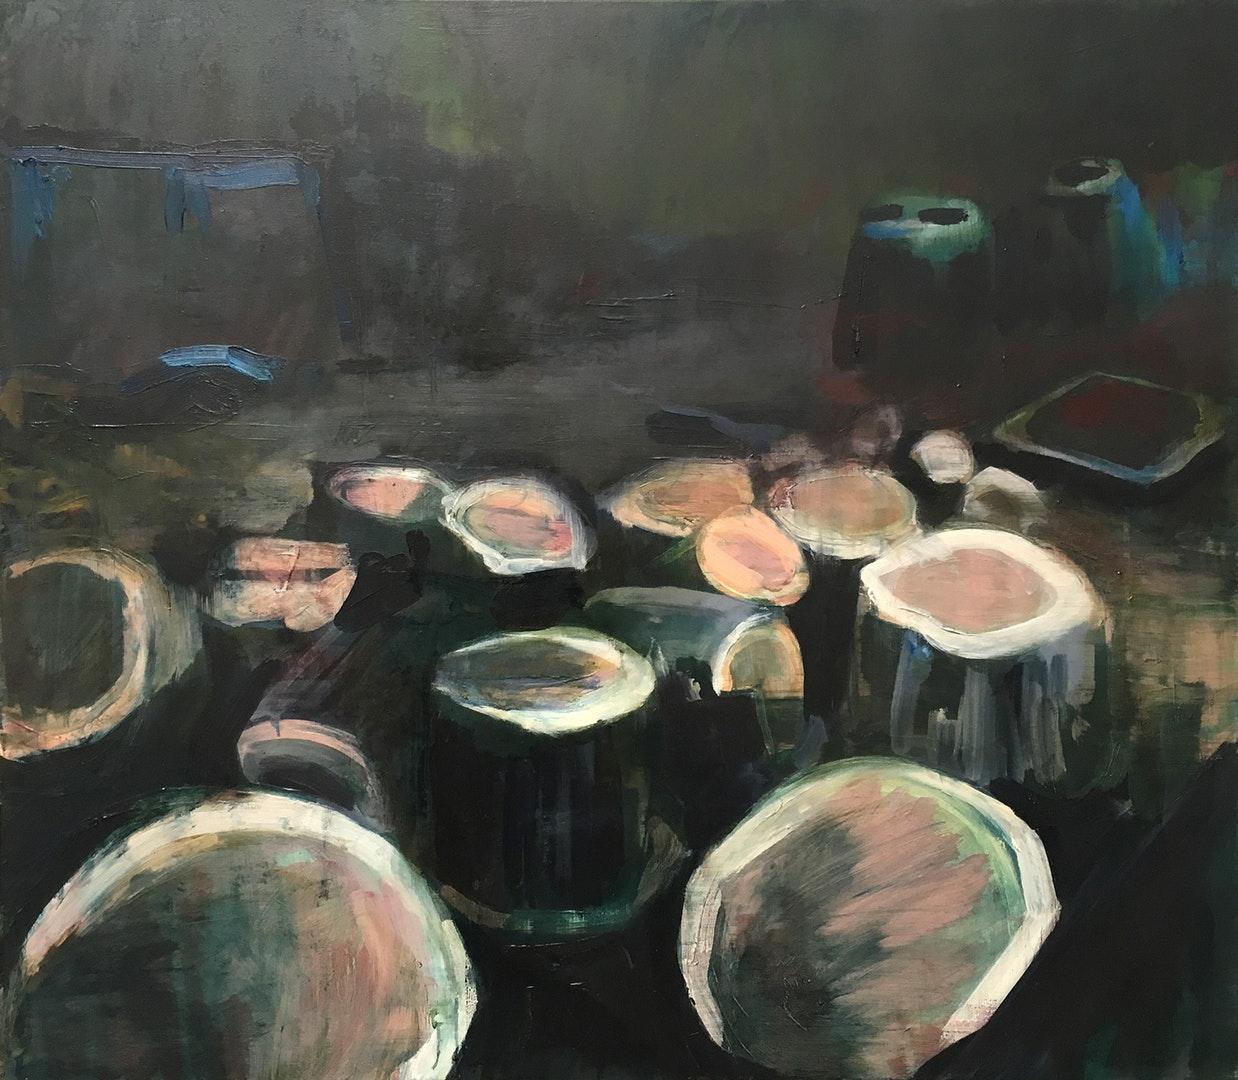 'Dendro', Paul Smith, Oil on canvas, 70 x 80 x 3 cm